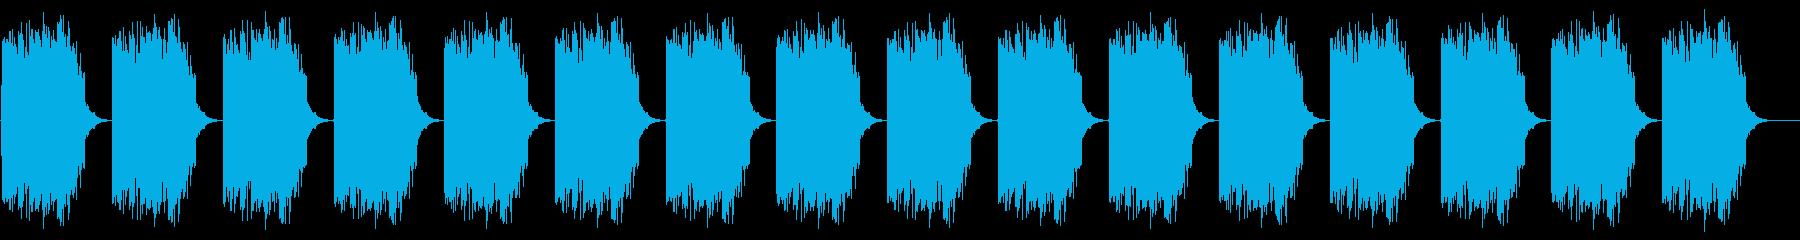 アラート ロング版 警報 警告 注意の再生済みの波形